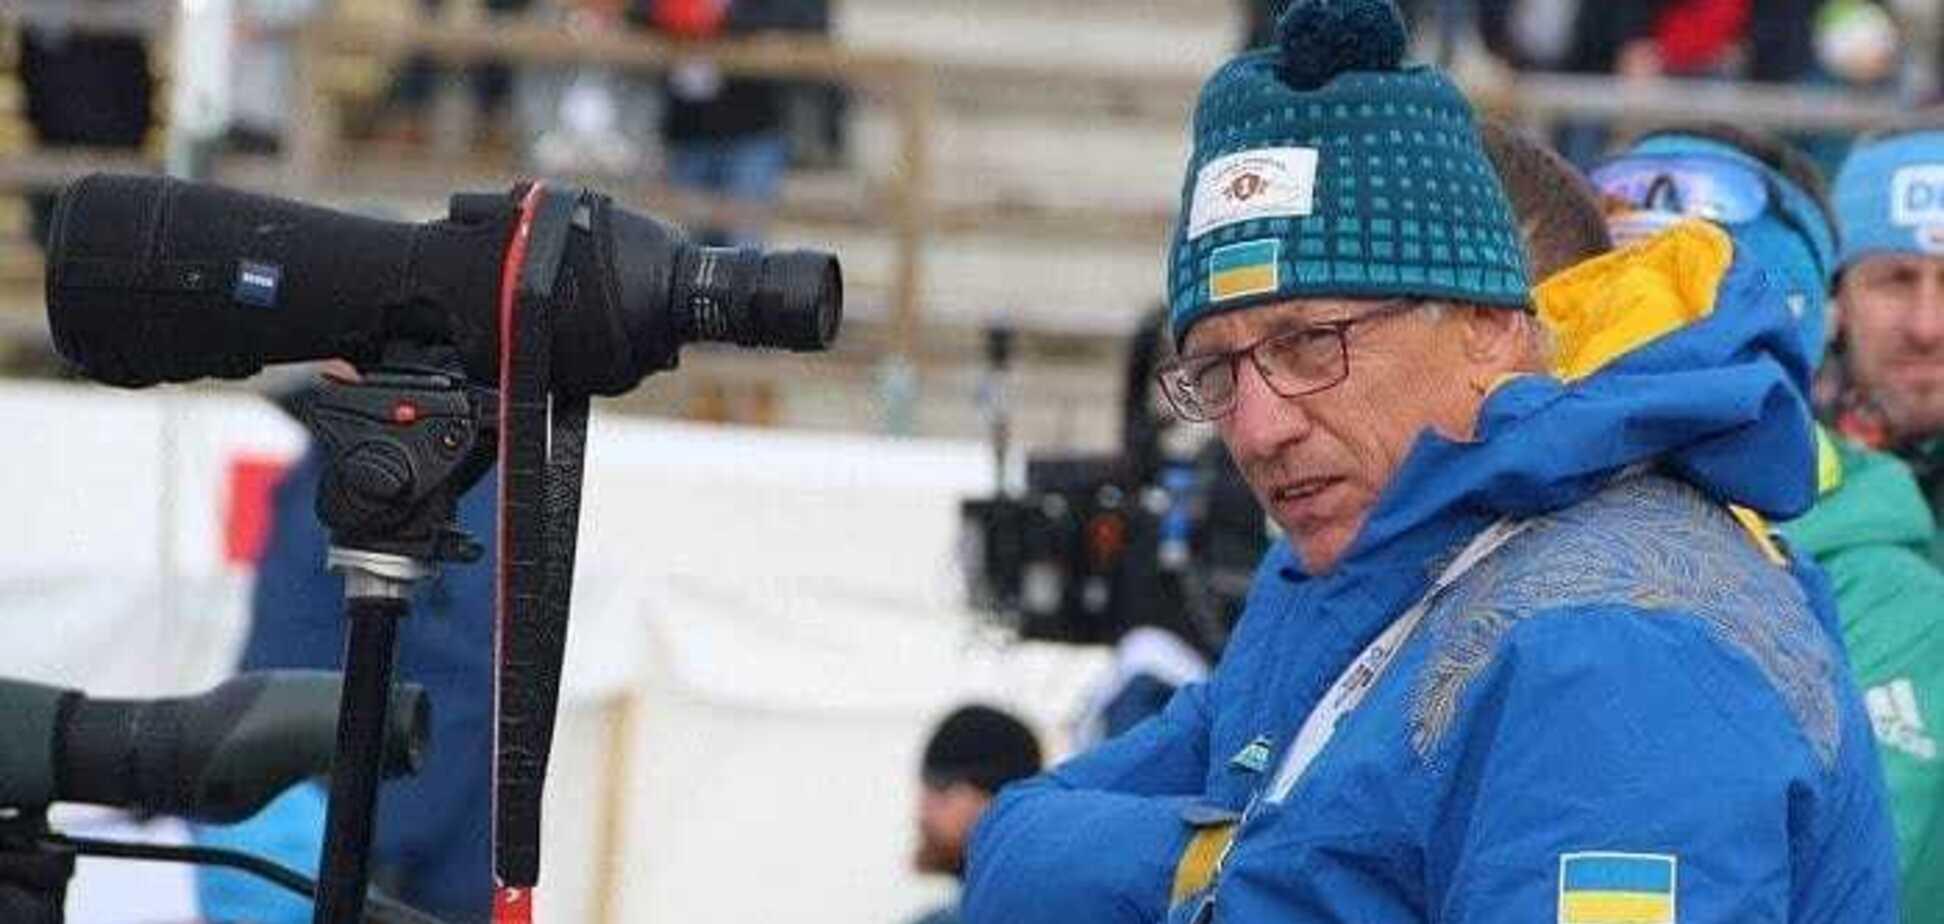 Старшего тренера сборной Украины по биатлону 'выбросили' в сугроб – видеофакт